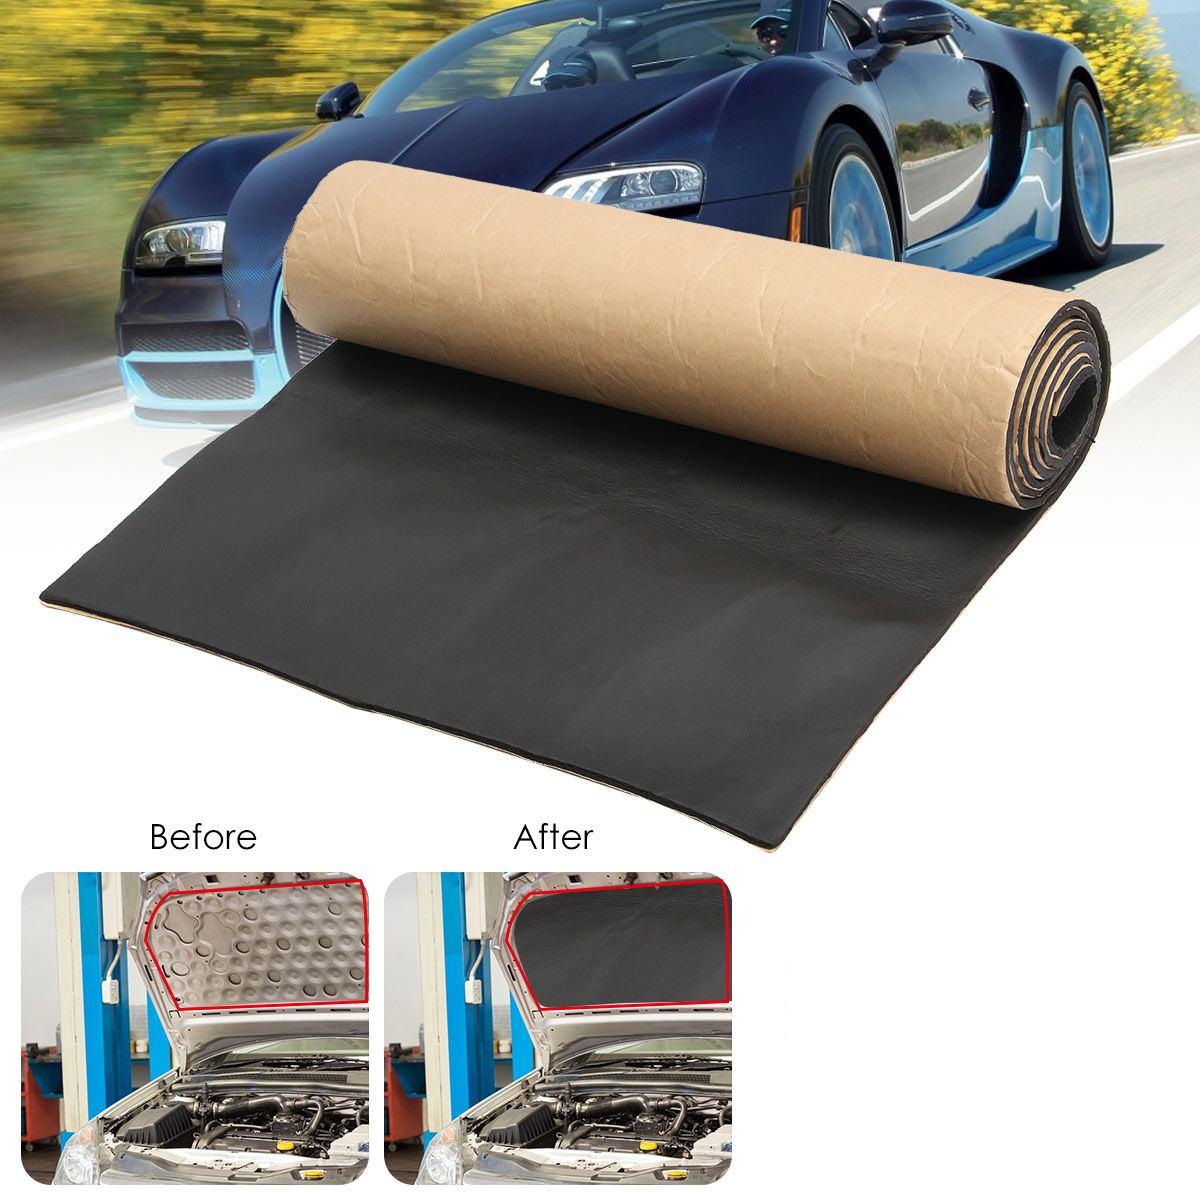 1 рулон, 200 см x 50 см, 10 мм/6 мм/3 мм, звукоизоляция автомобиля, тусклый автомобиль, грузовик, анти-шум, звукоизоляция, хлопок, тепло, закрытая клет...